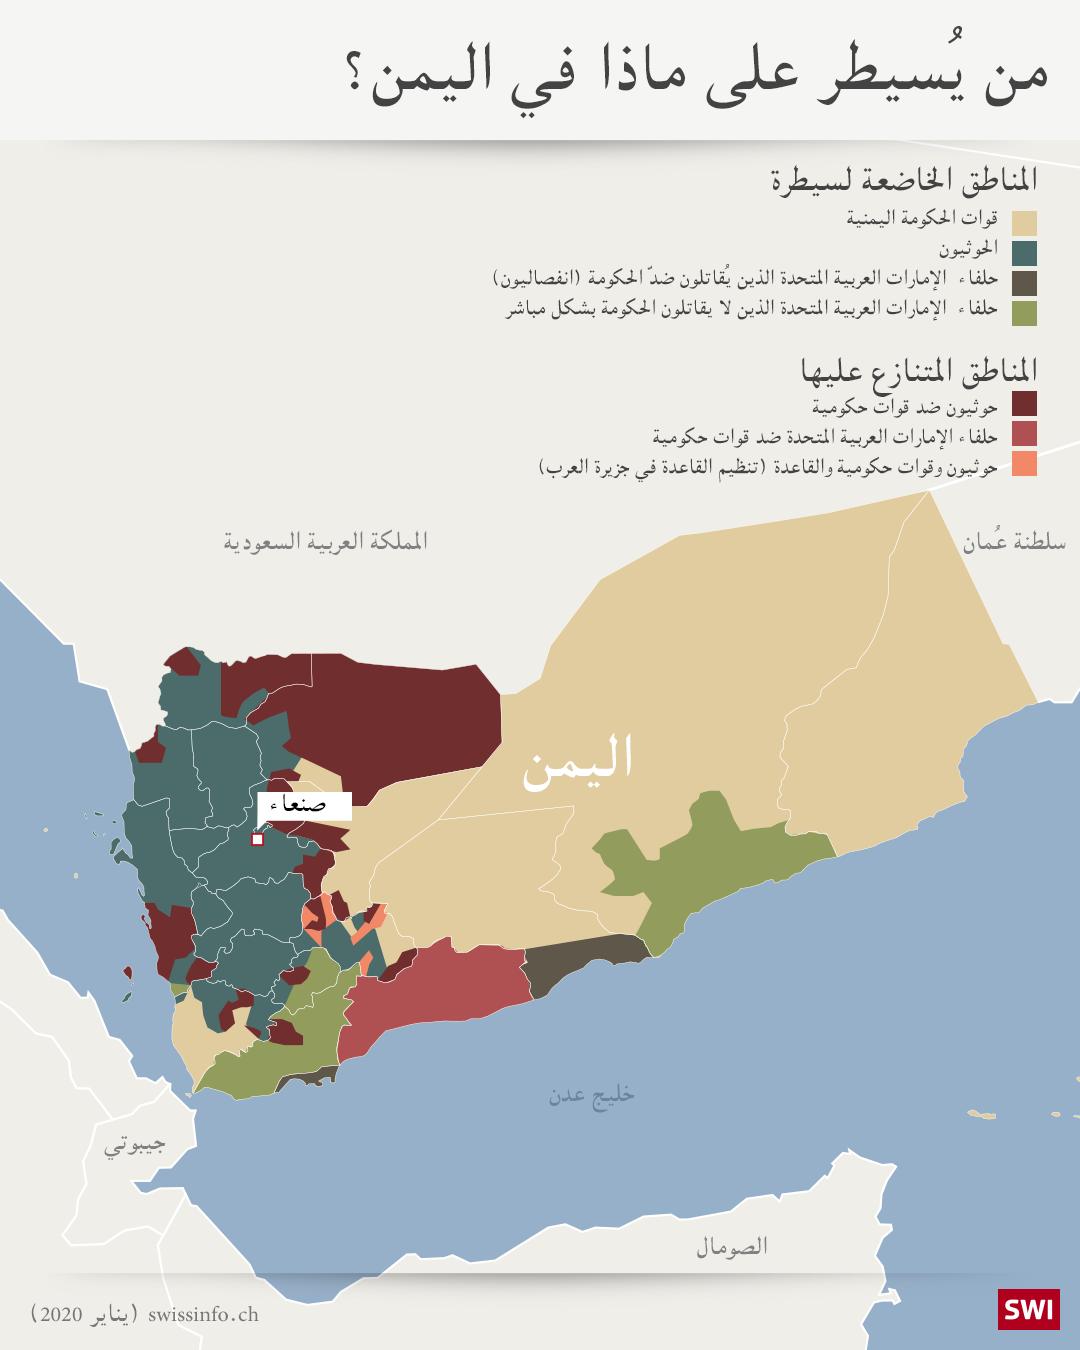 توزّع النفوذ على خريطة اليمن